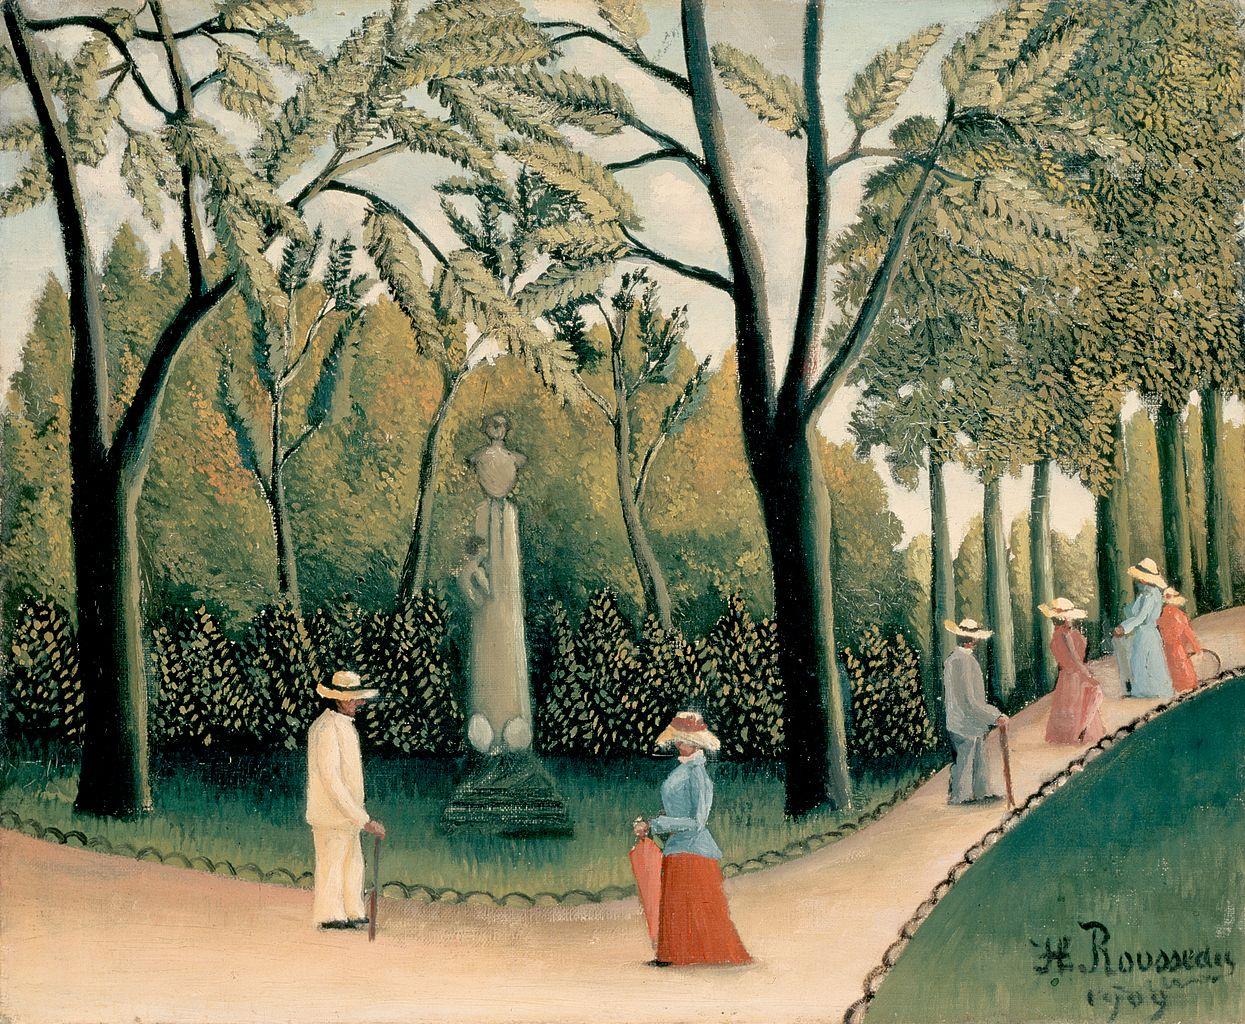 Biographie et uvre de henri rousseau dit douanier rousseau for Le jardin henri vinay